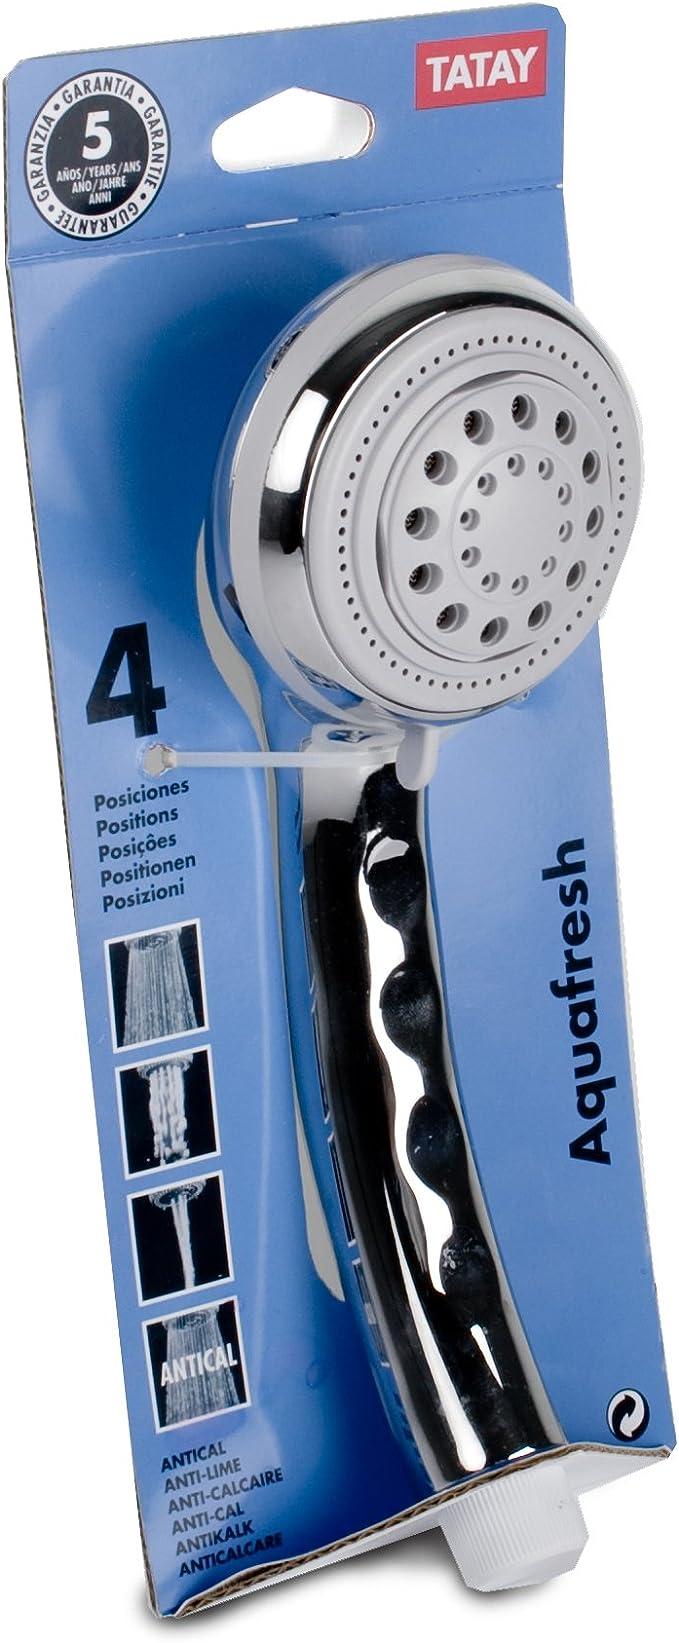 TATAY 3310409 - Aquafresh Ducha de mano antical de 4 posiciones ...